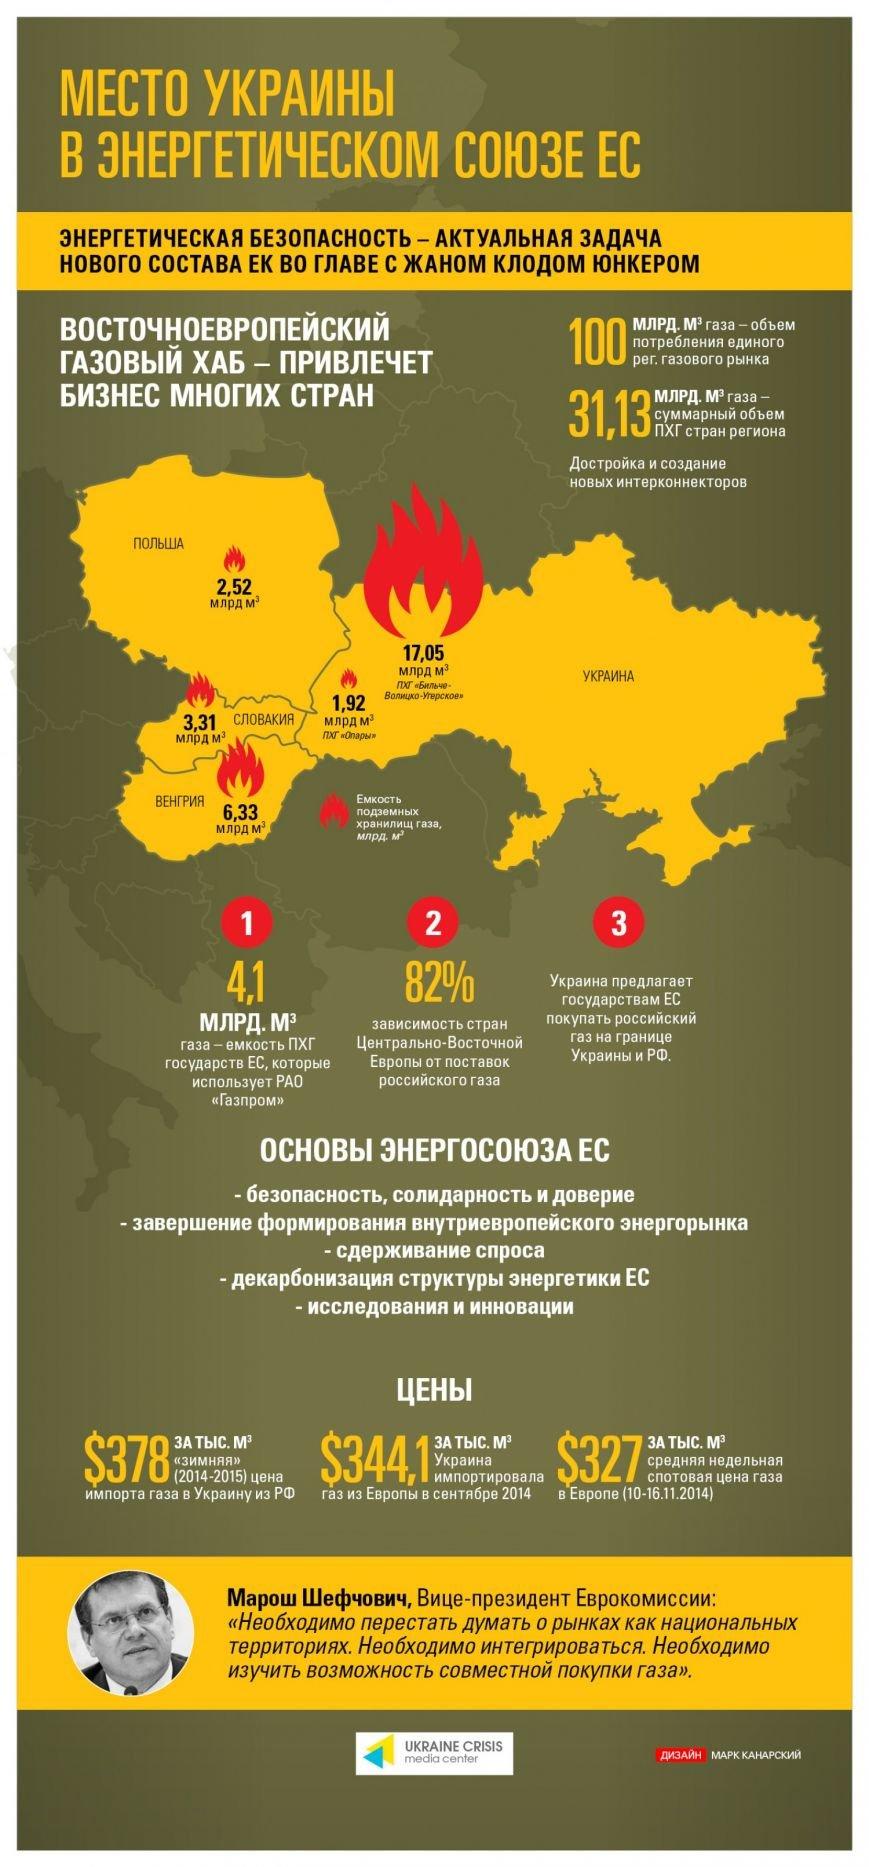 Место Украины в энергетическом союзе ЕС (фото) - фото 1